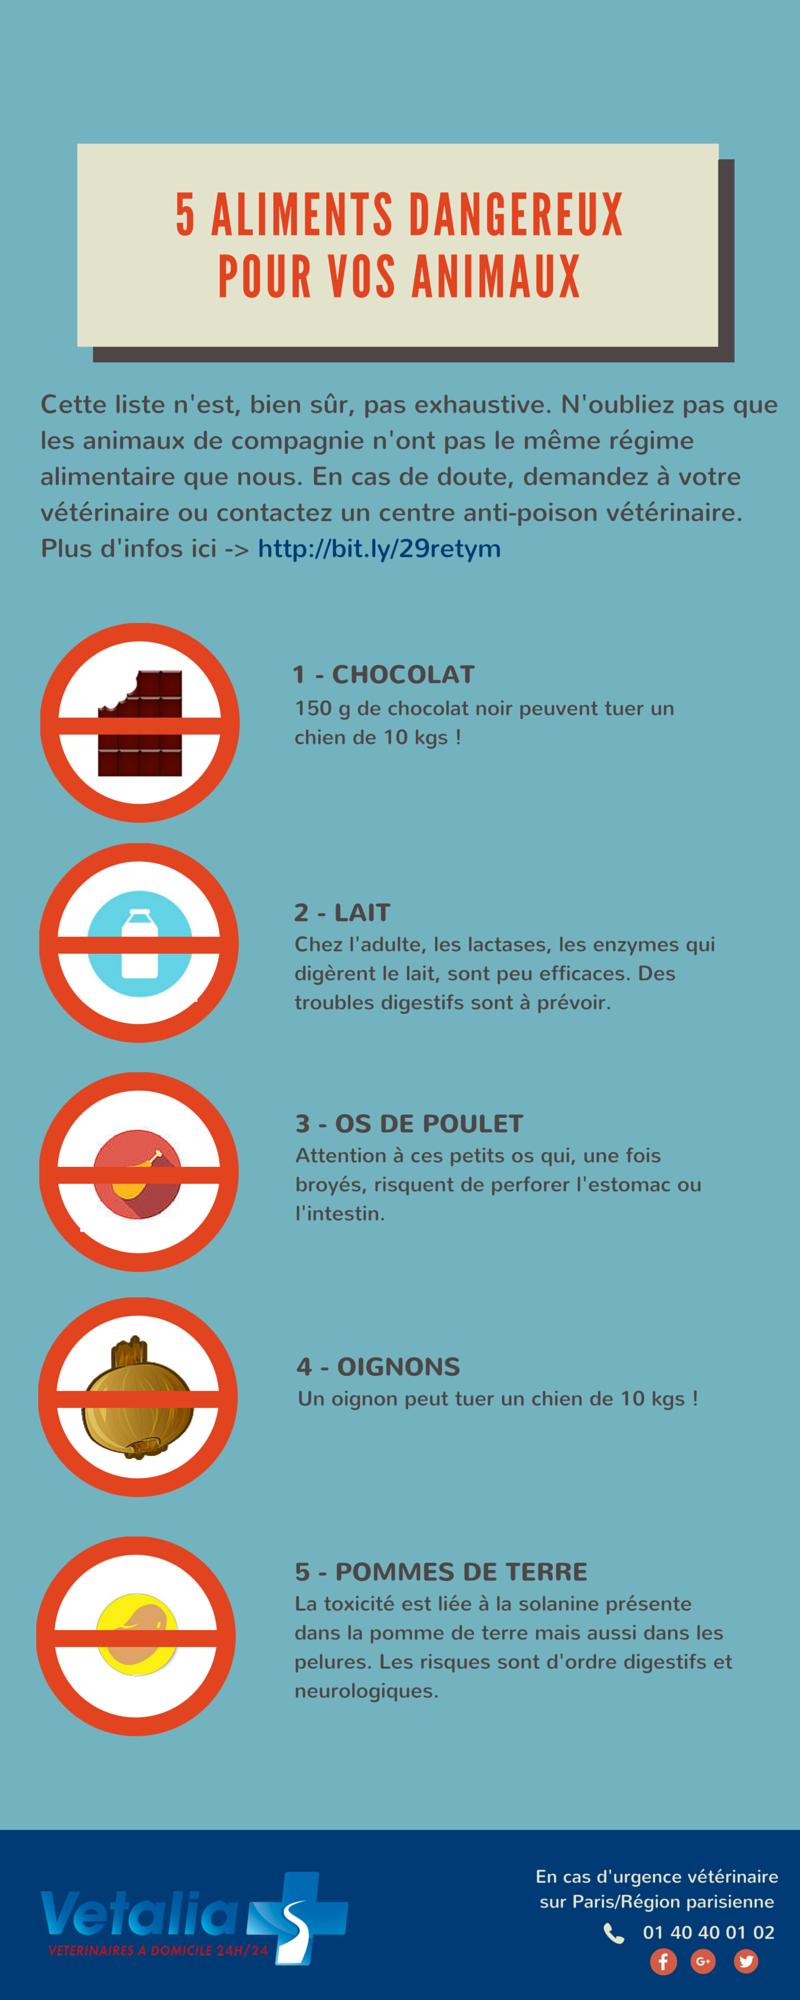 5 aliments dangereux pour les animaux